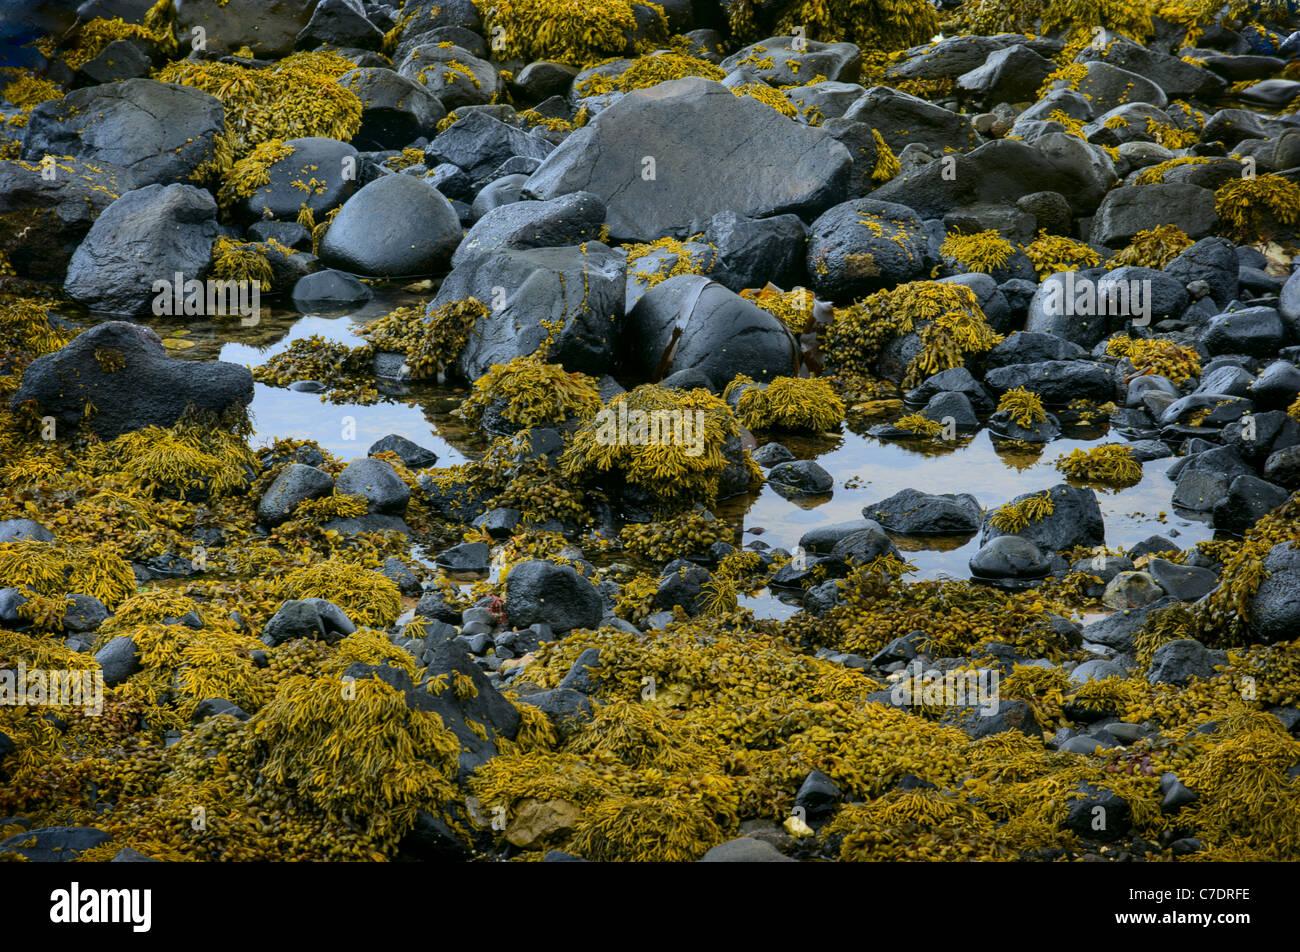 Bladderwrack seaweed on the beach - Stock Image